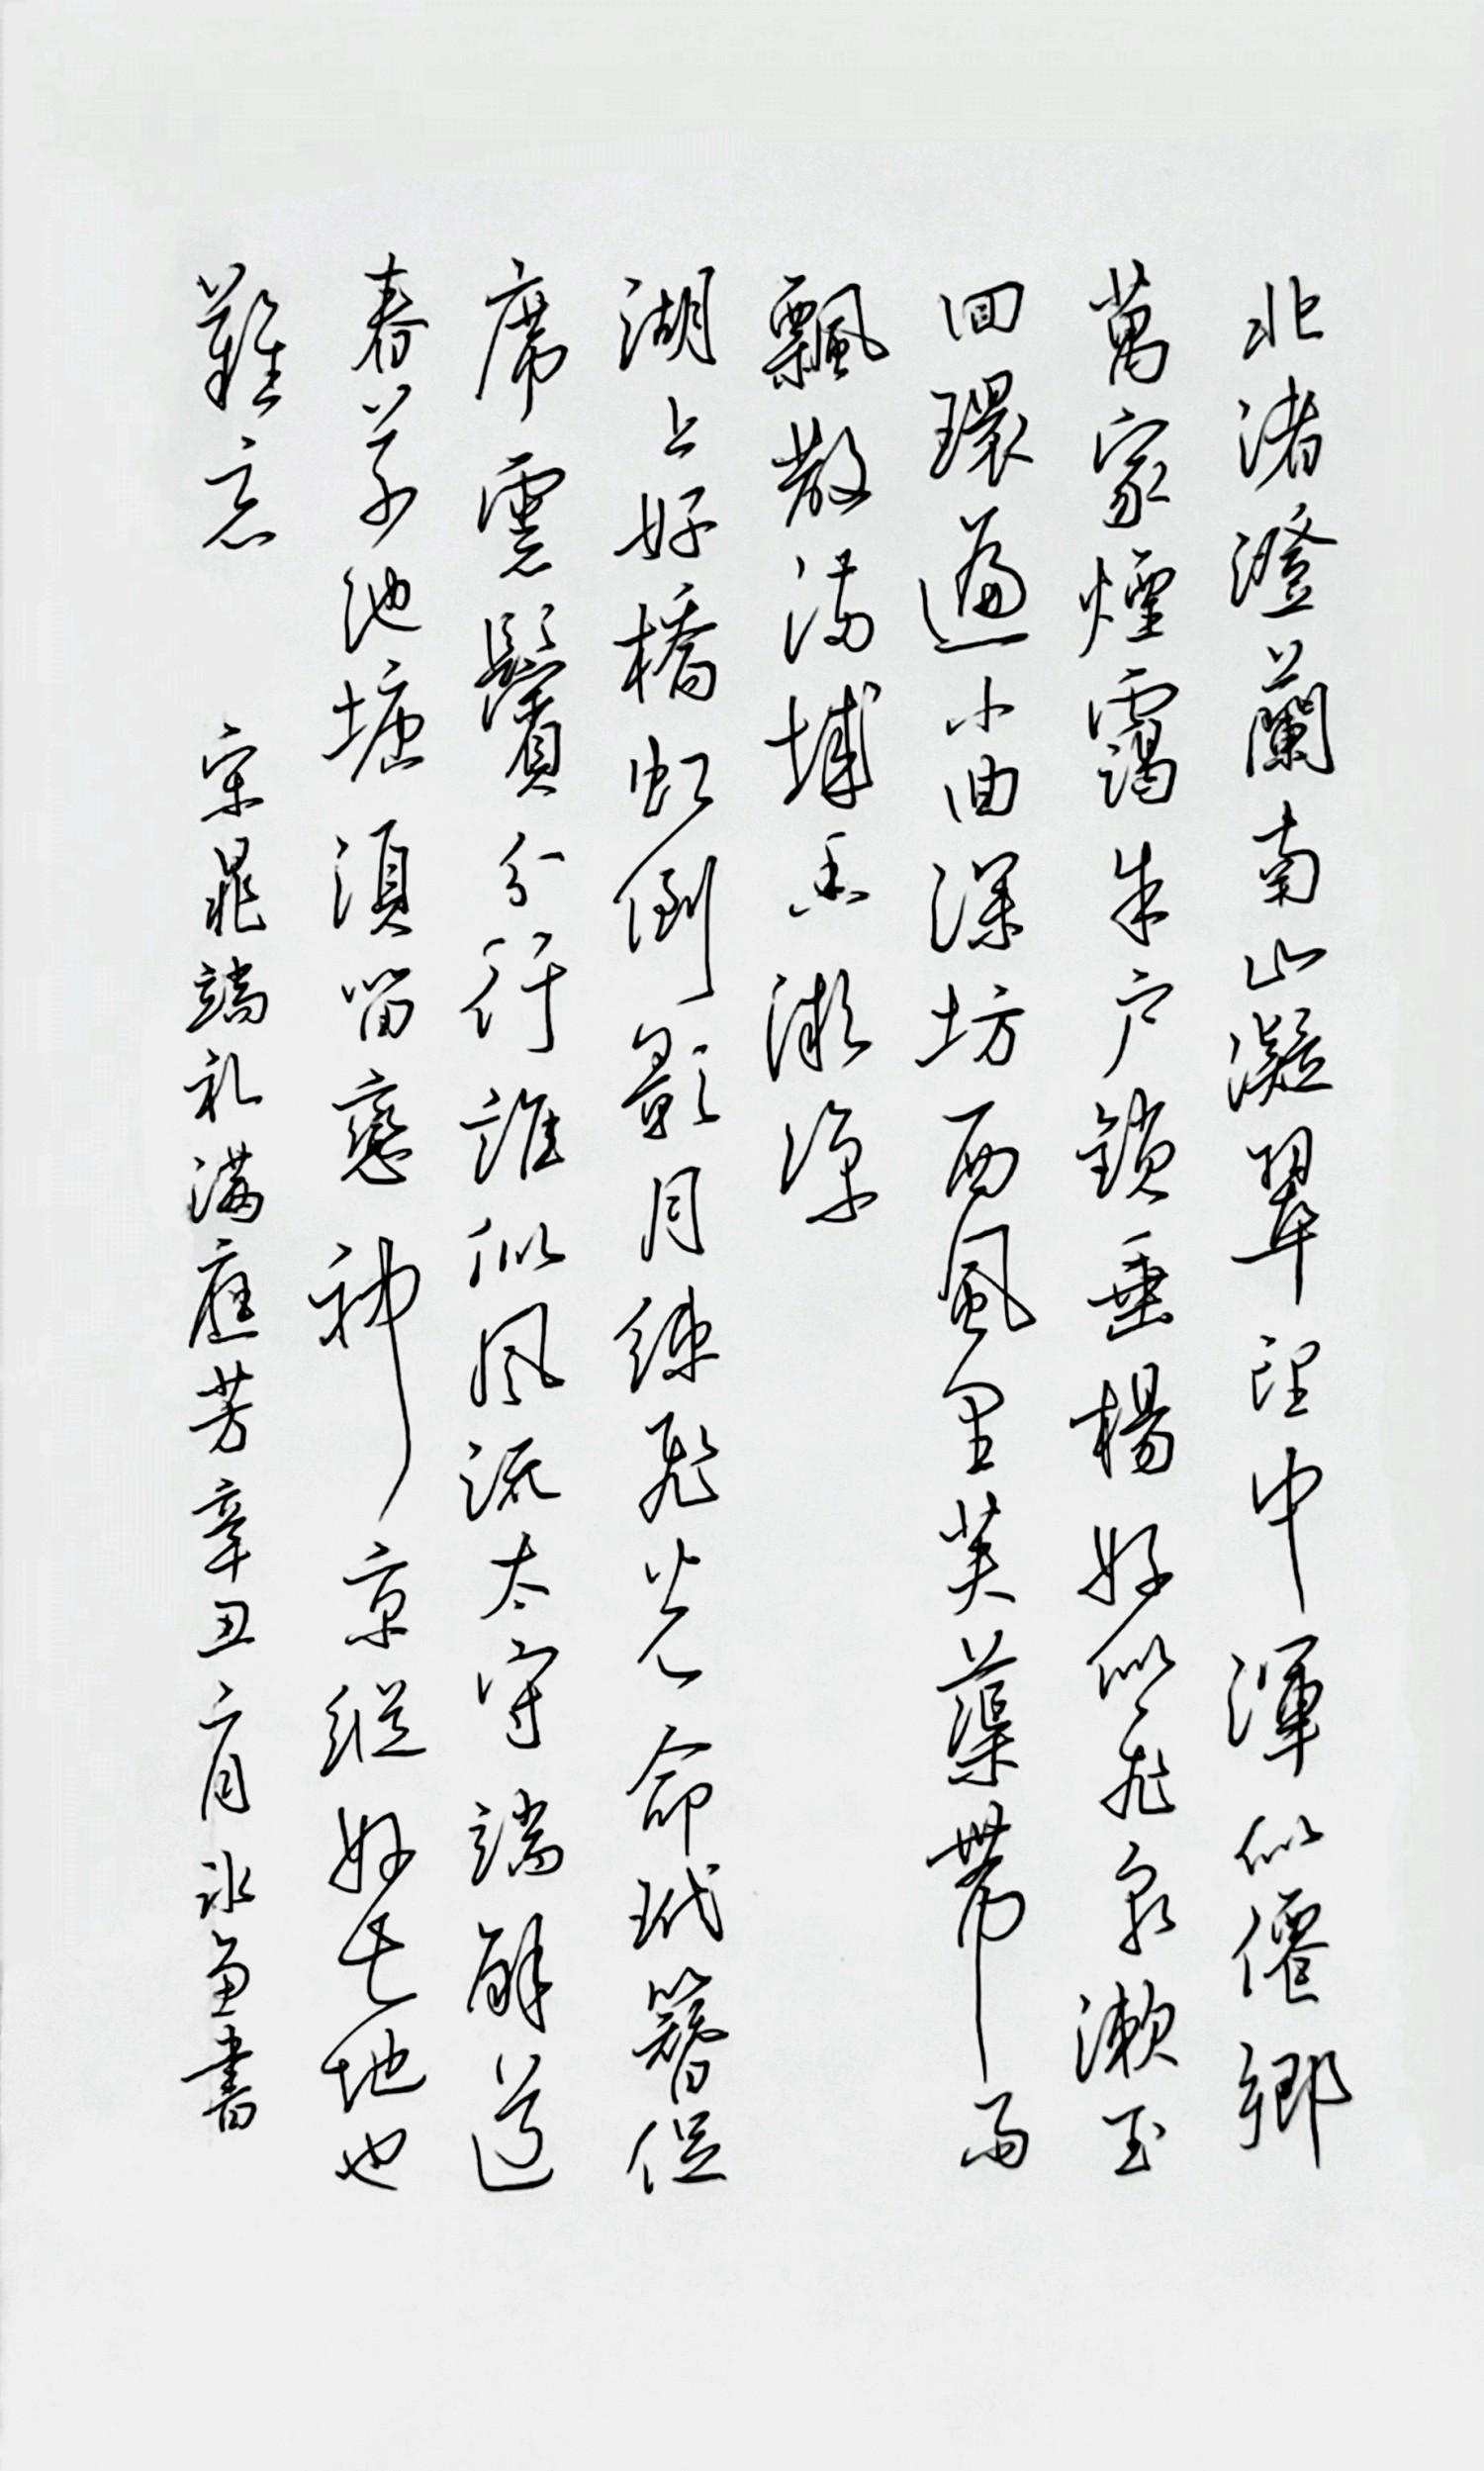 钢笔爱好者练字打卡20210330-10